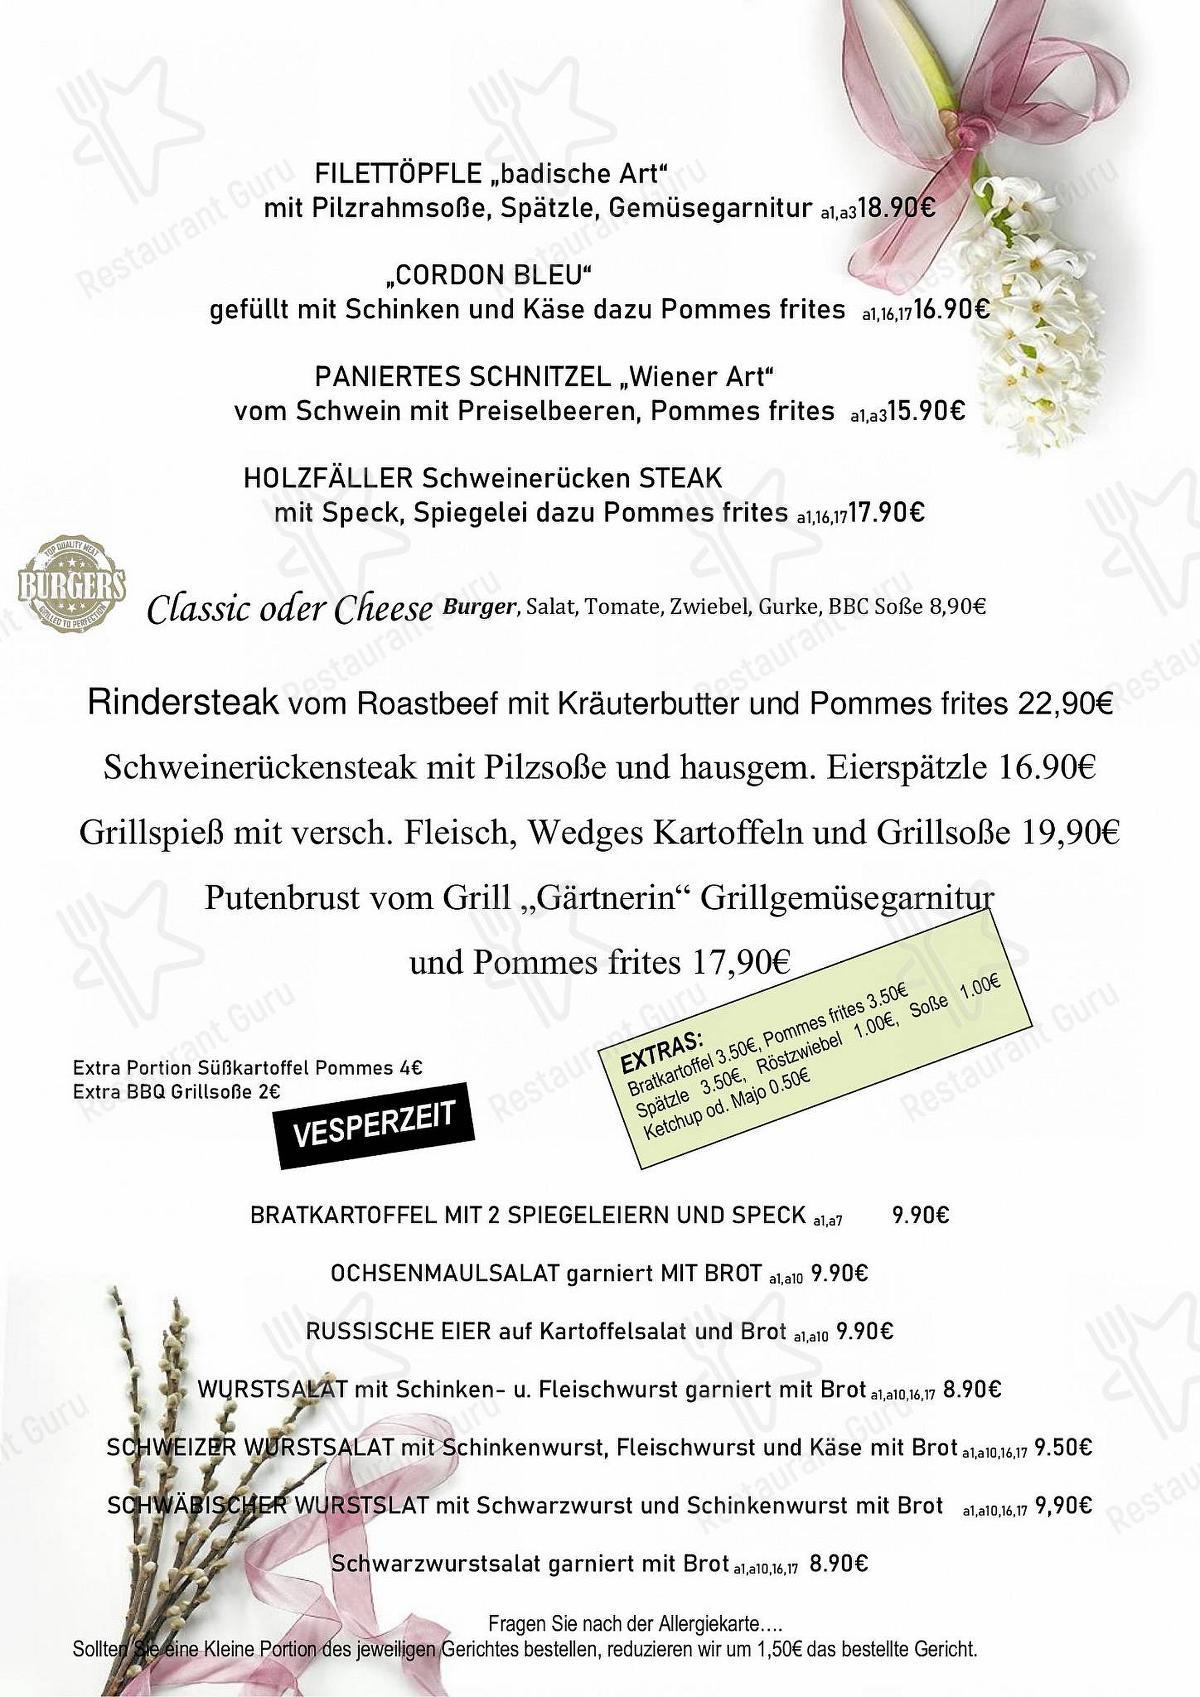 Меню для посетителей ресторана Bürgerstüble